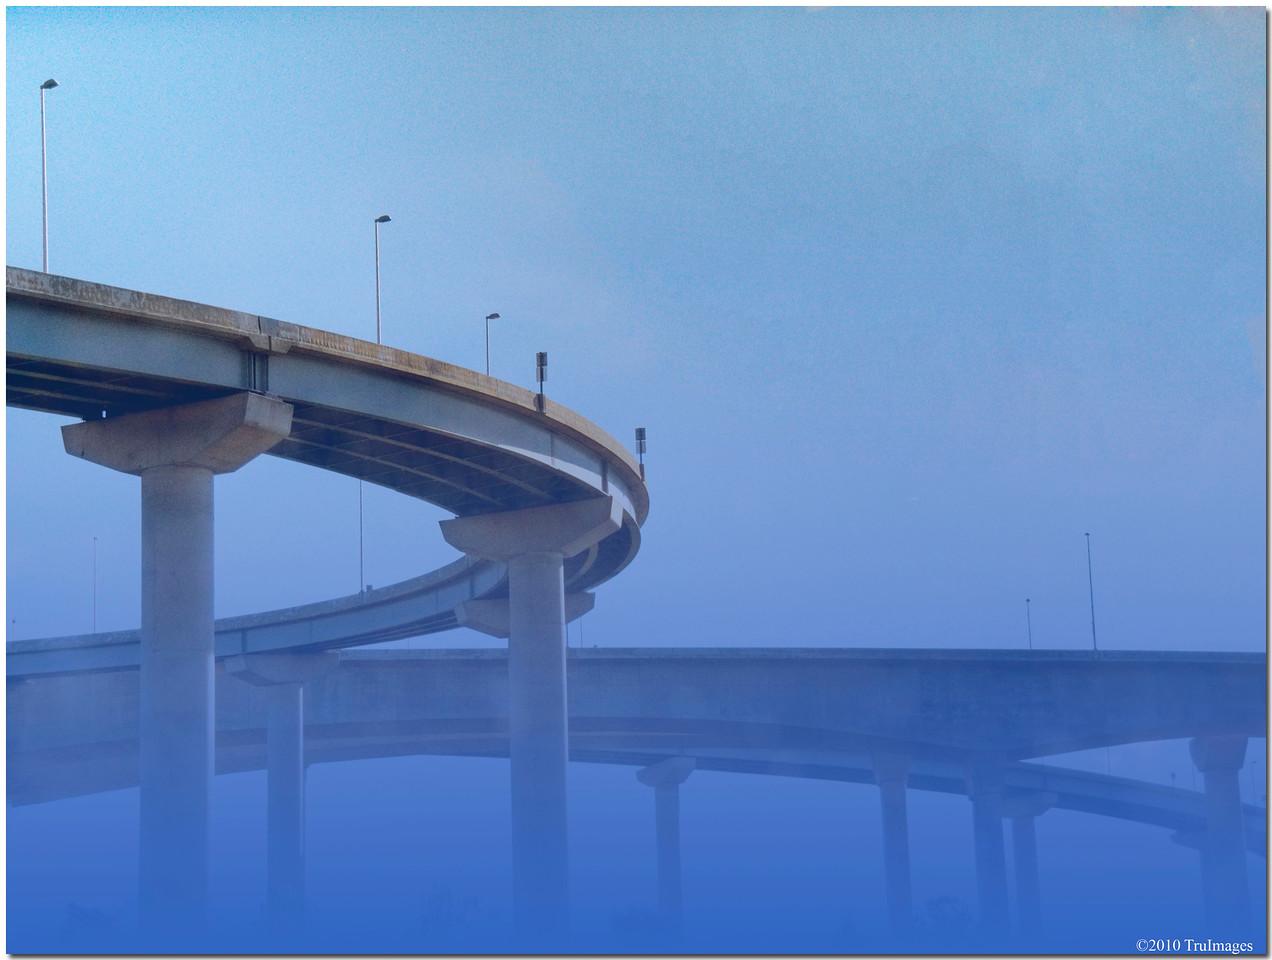 October 25<br /> Bridges in the mist